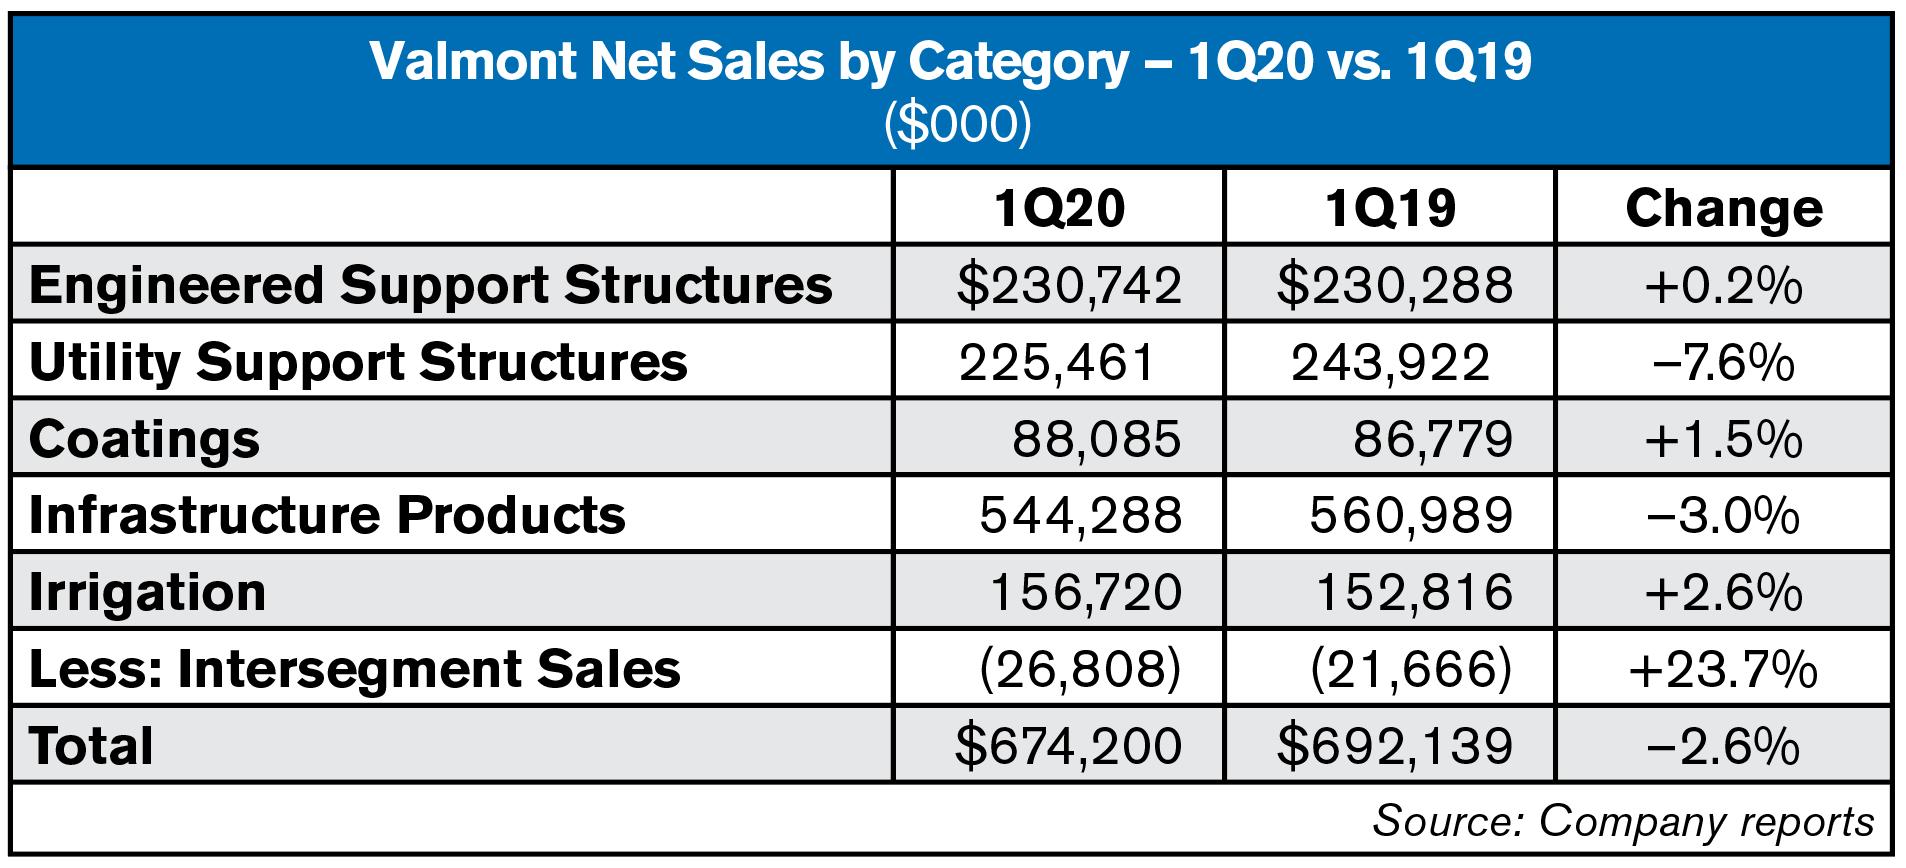 valmont 1Q20 segment sales